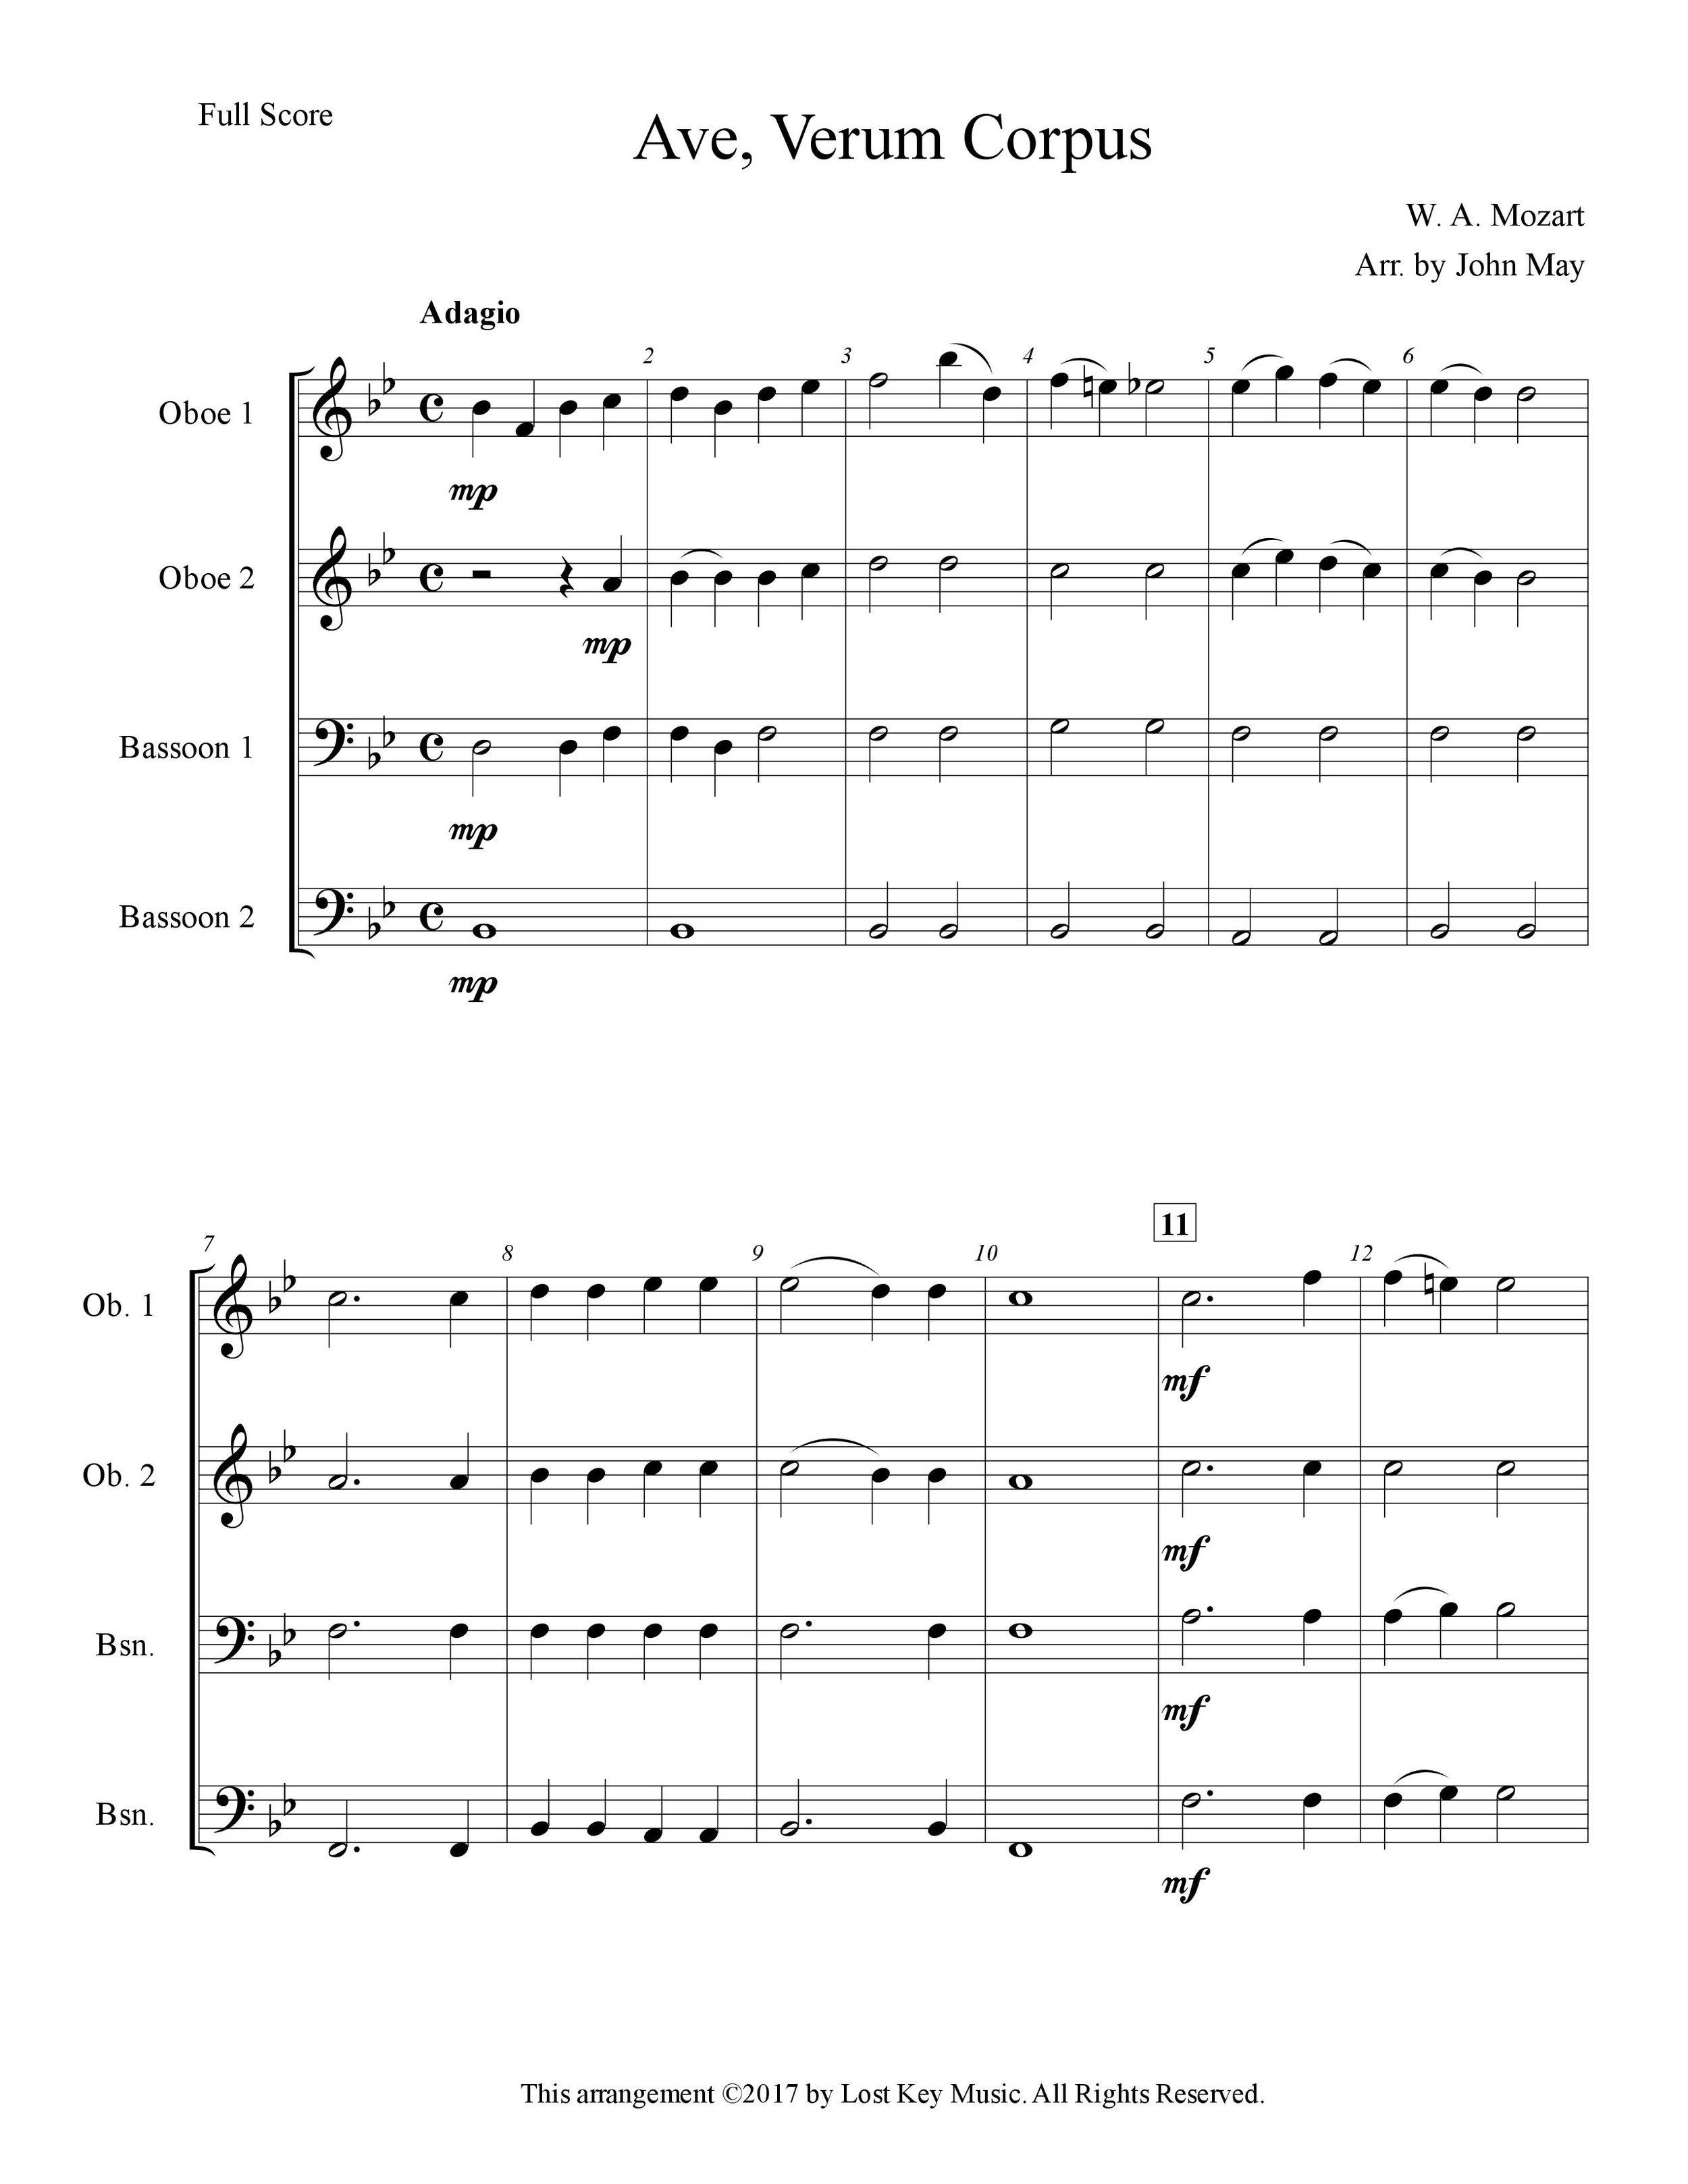 Ave Verum Corpus-Oboe and Bassoon Quartet-Score Sample.jpg